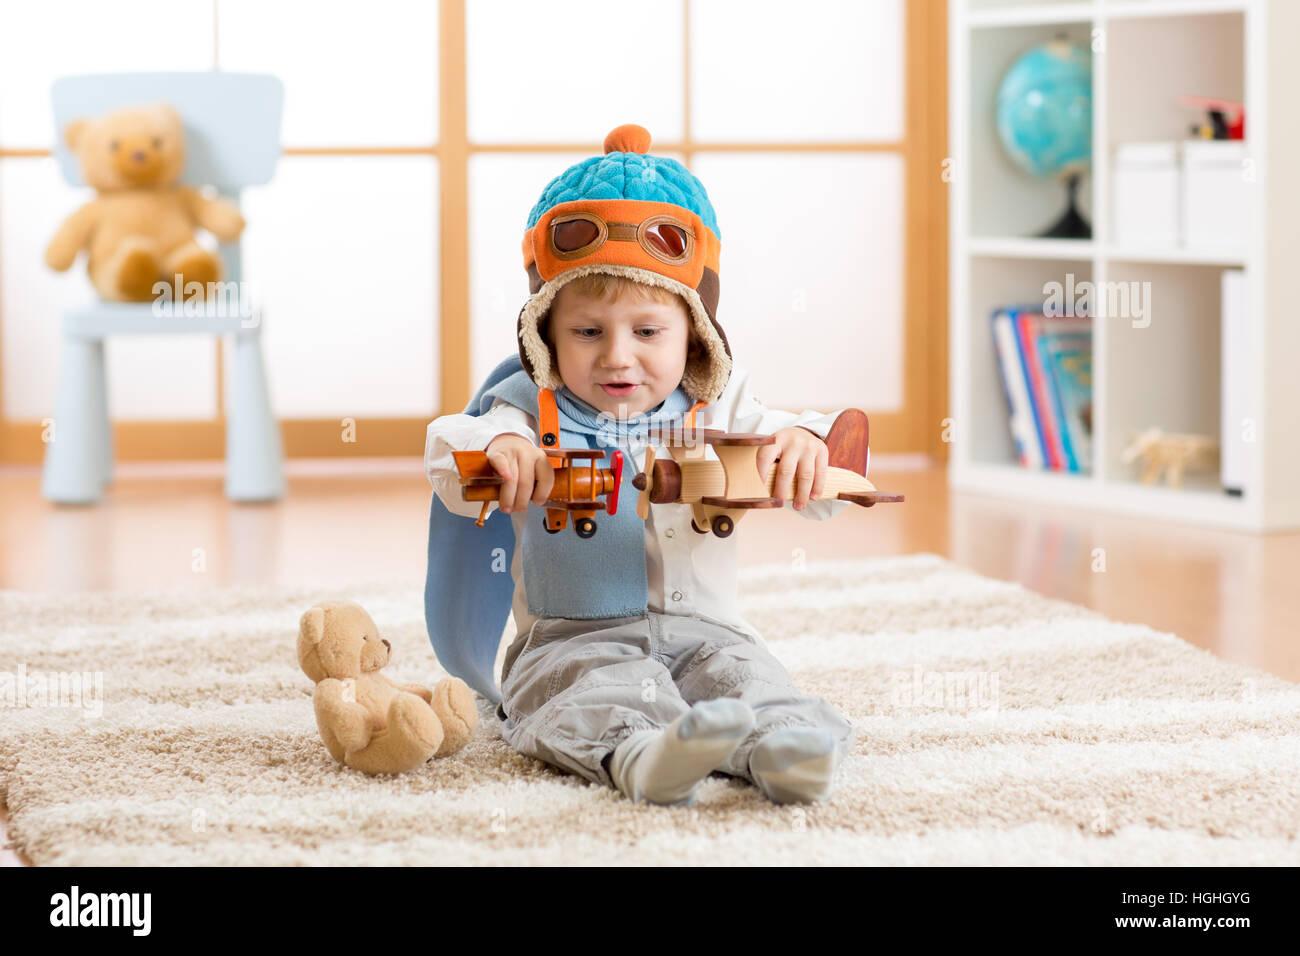 Capretto felice ragazzo giocando con aeroplano giocattolo a casa nella sua stanza Immagini Stock